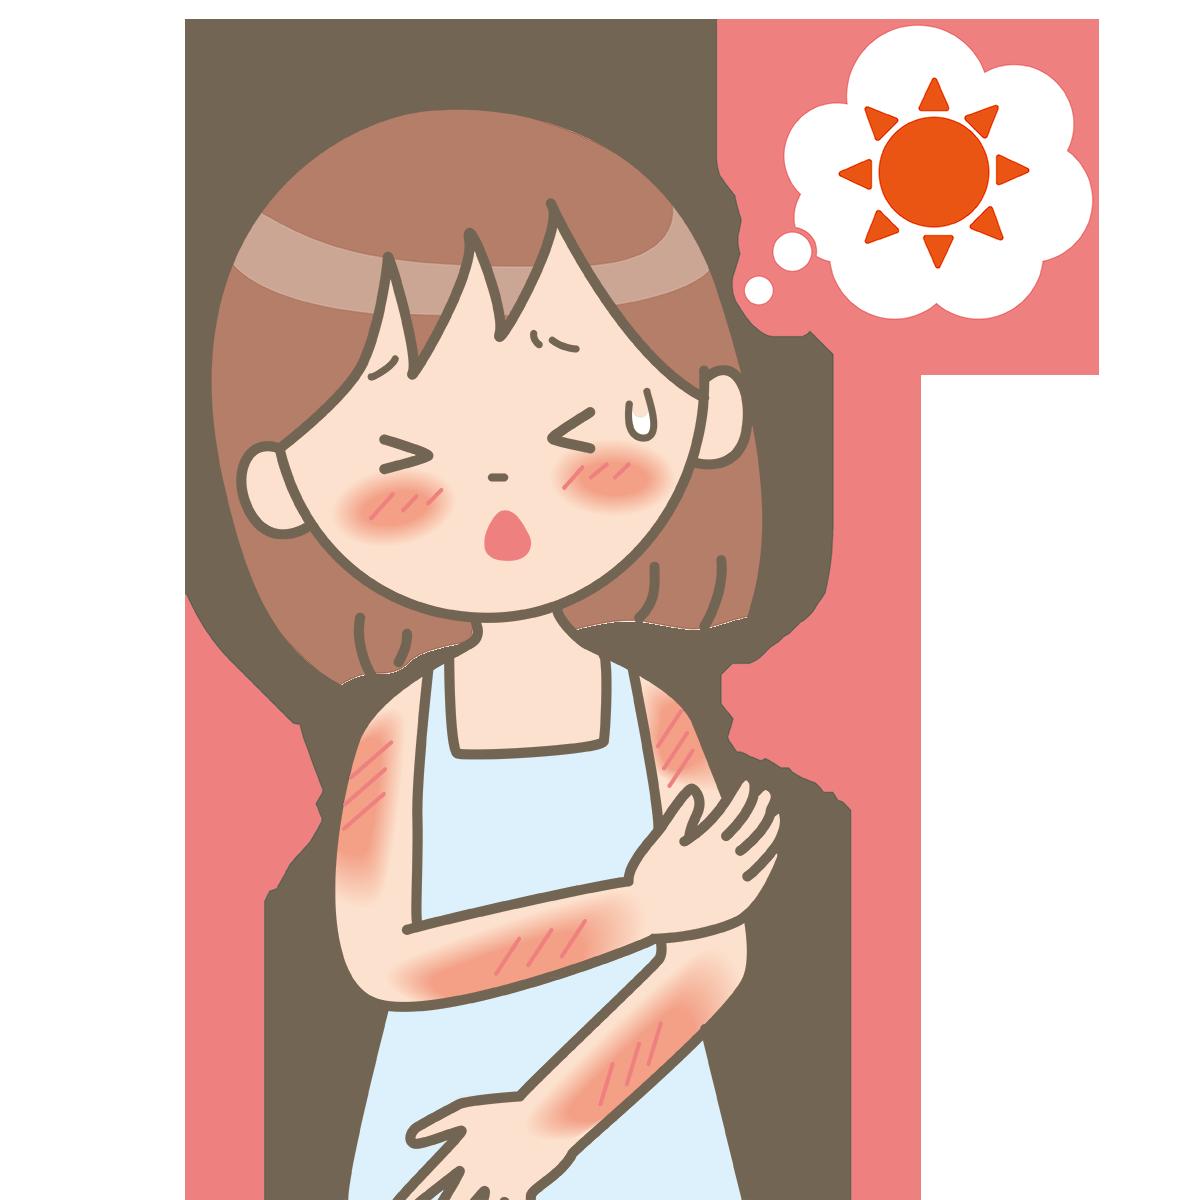 日焼けしたお肌のお手入れ方法